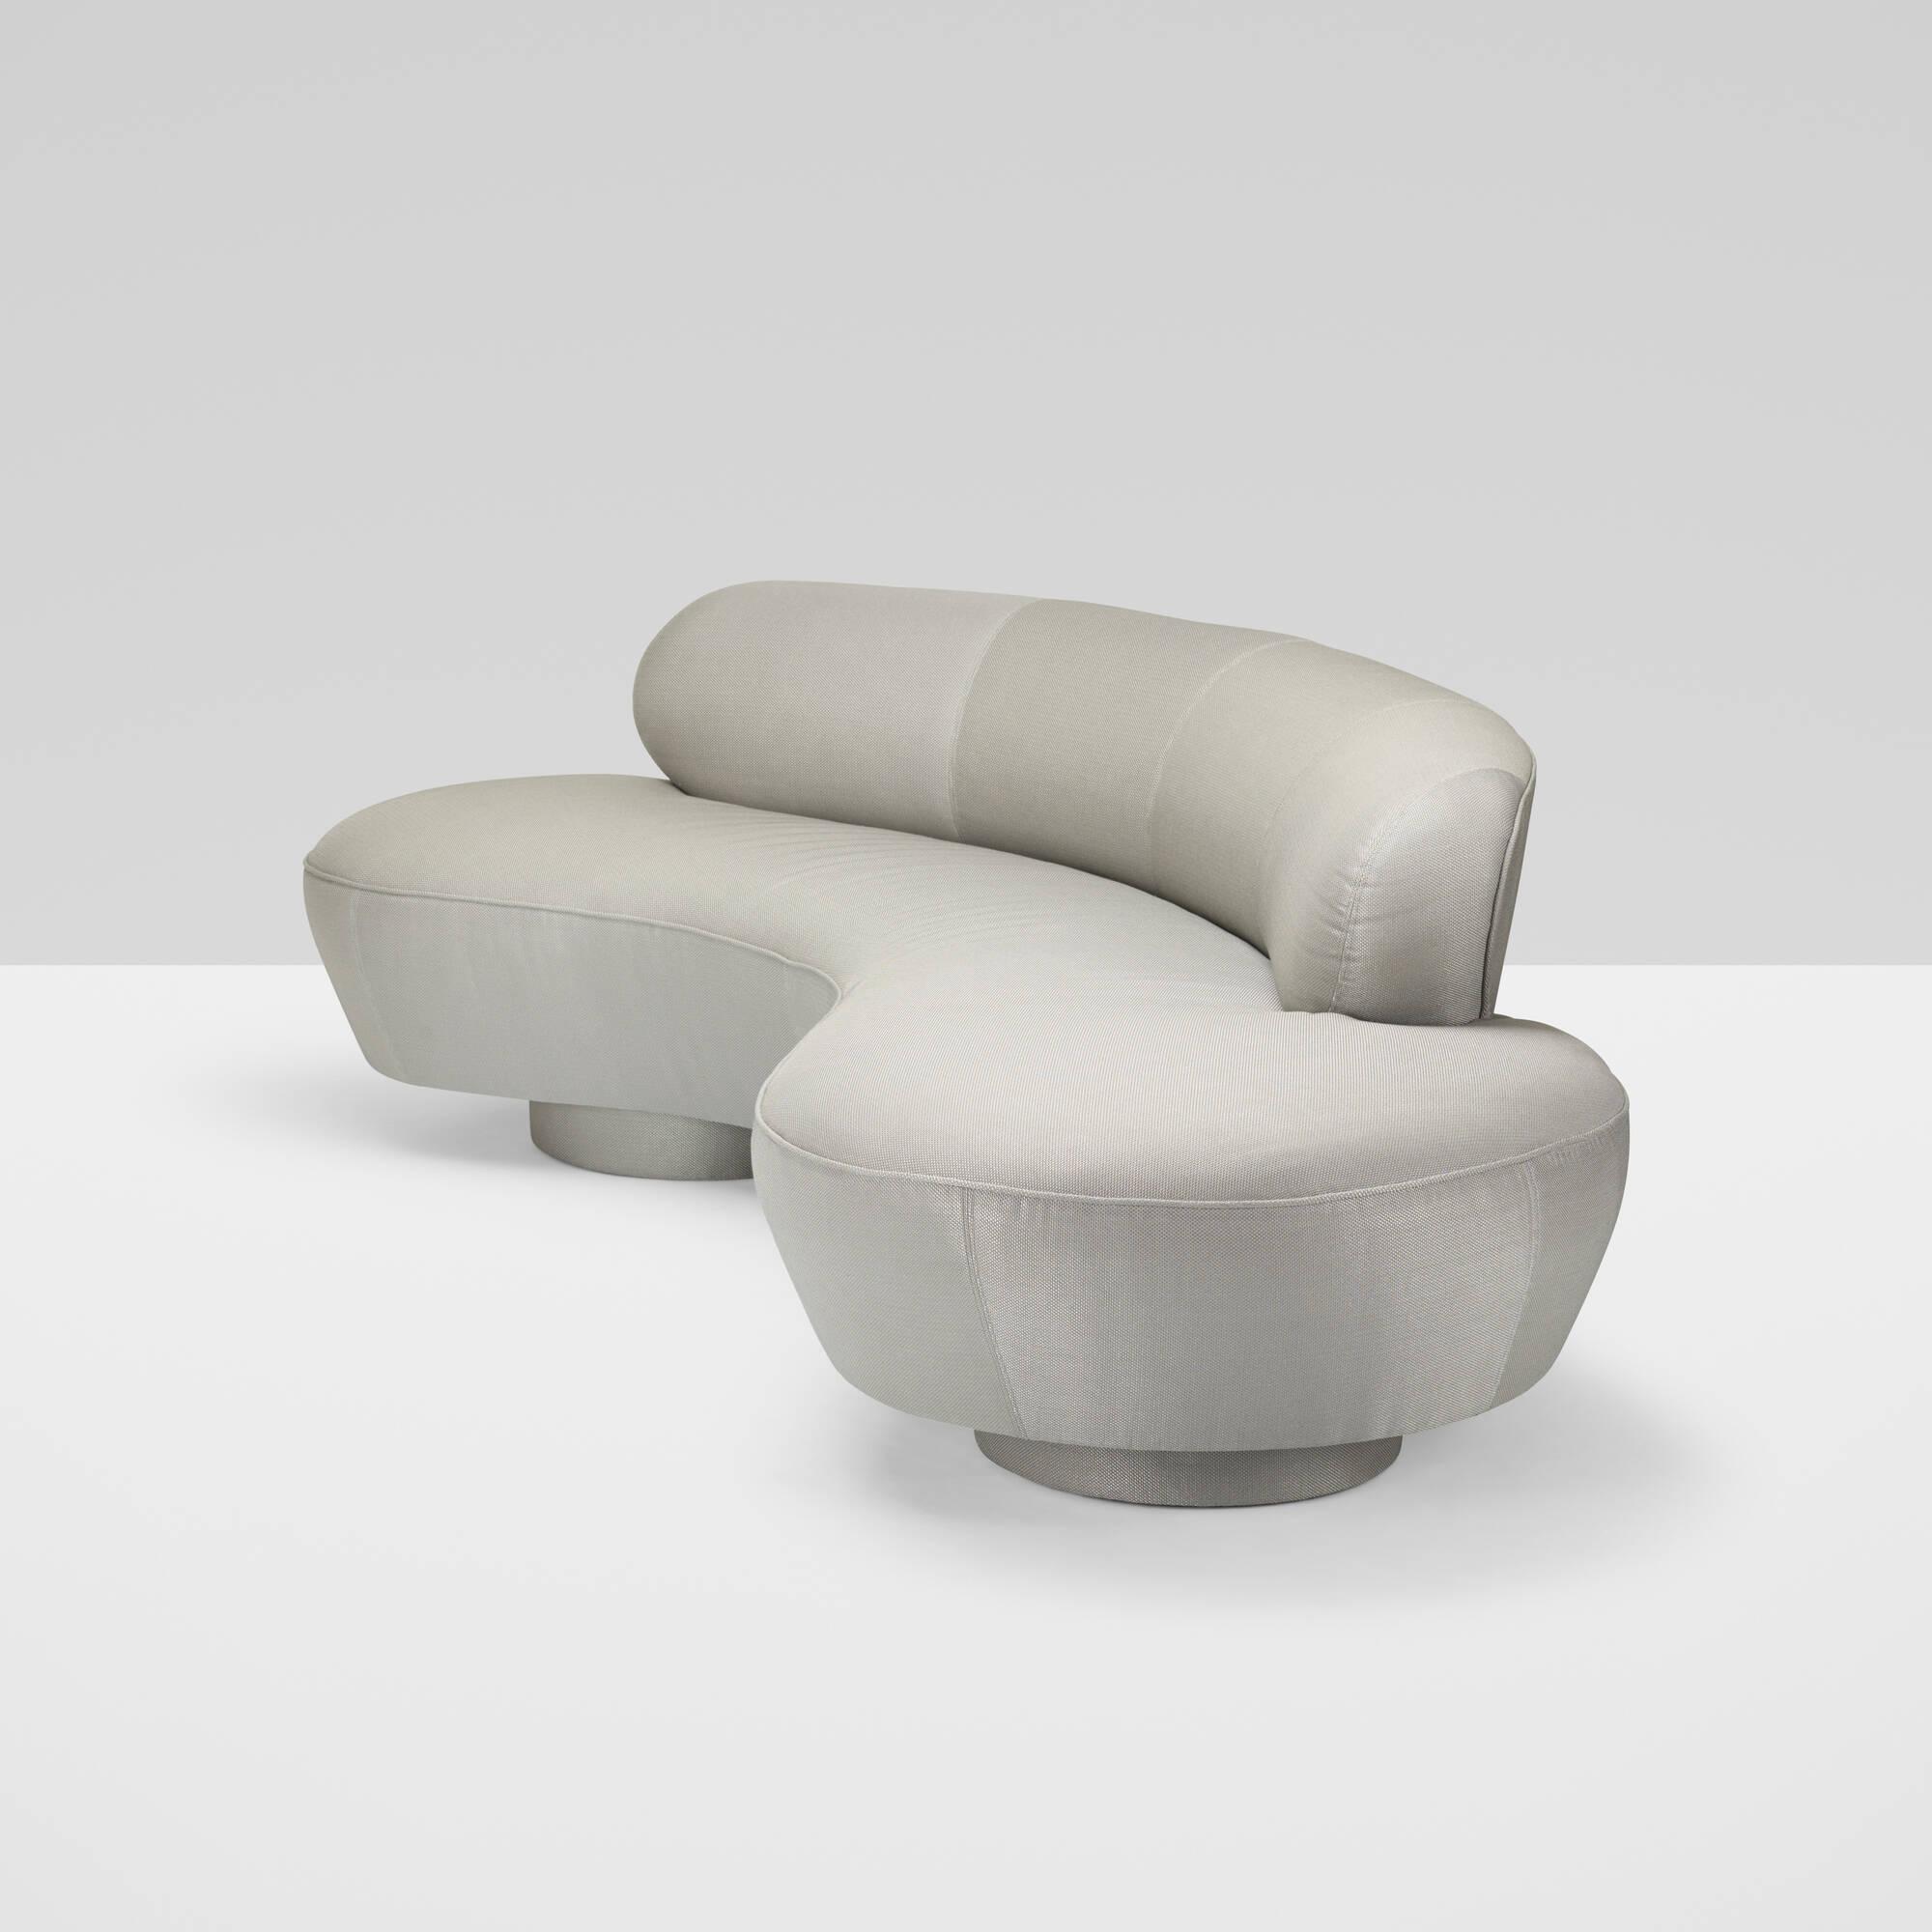 234: Vladimir Kagan / Sofa (1 Of 2)